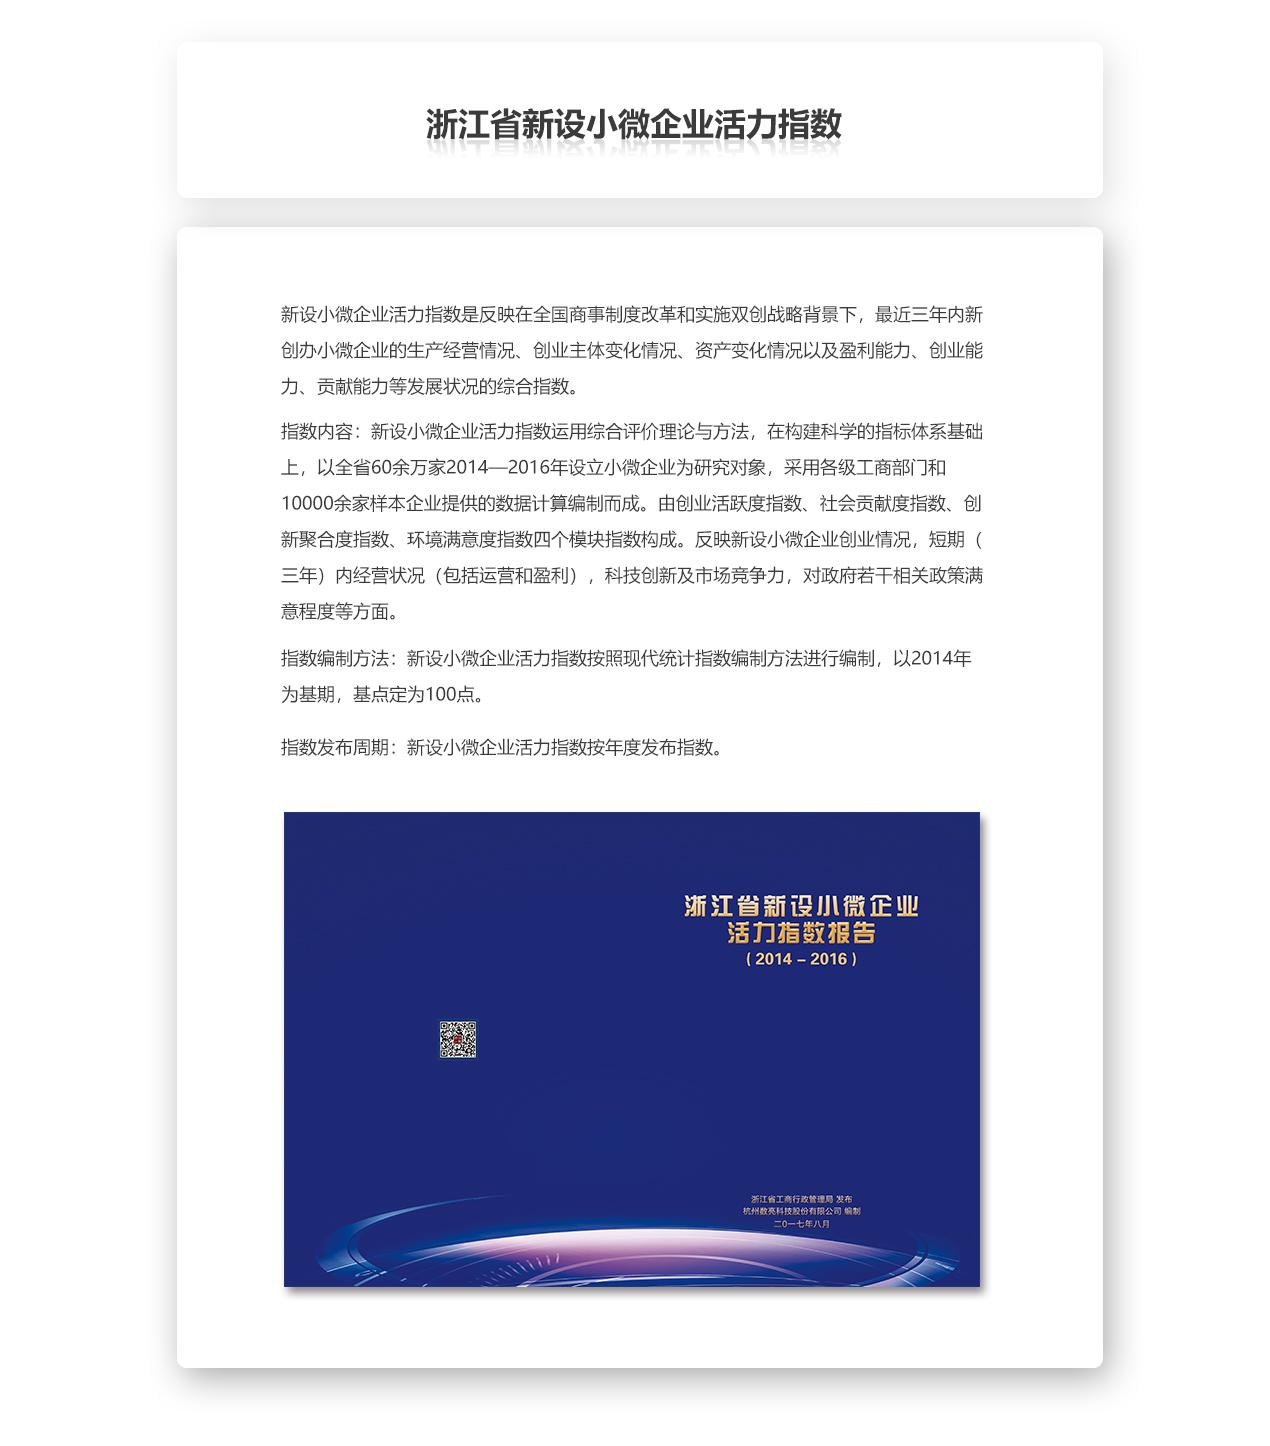 浙江省新设小微企业活力指数.jpg